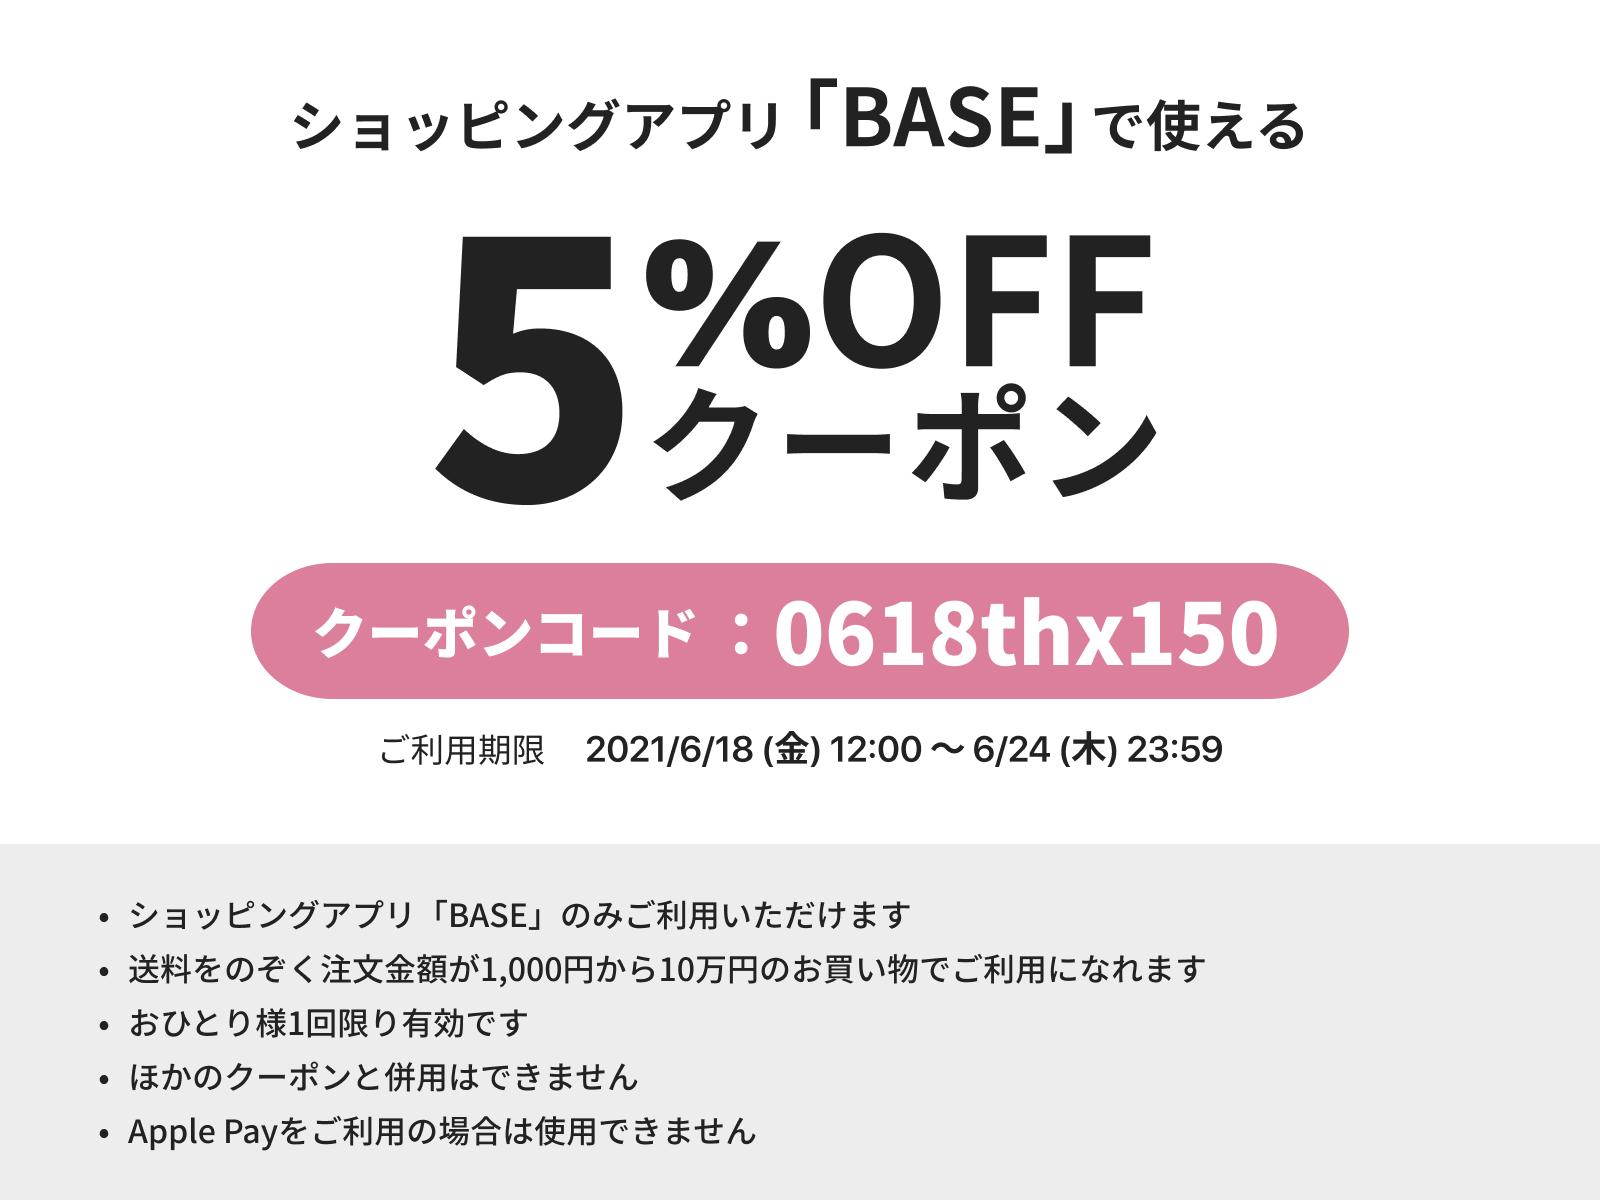 【6/18~6/24】 ショッピングアプリ「BASE」で使用できる5%OFFクーポンをプレゼント